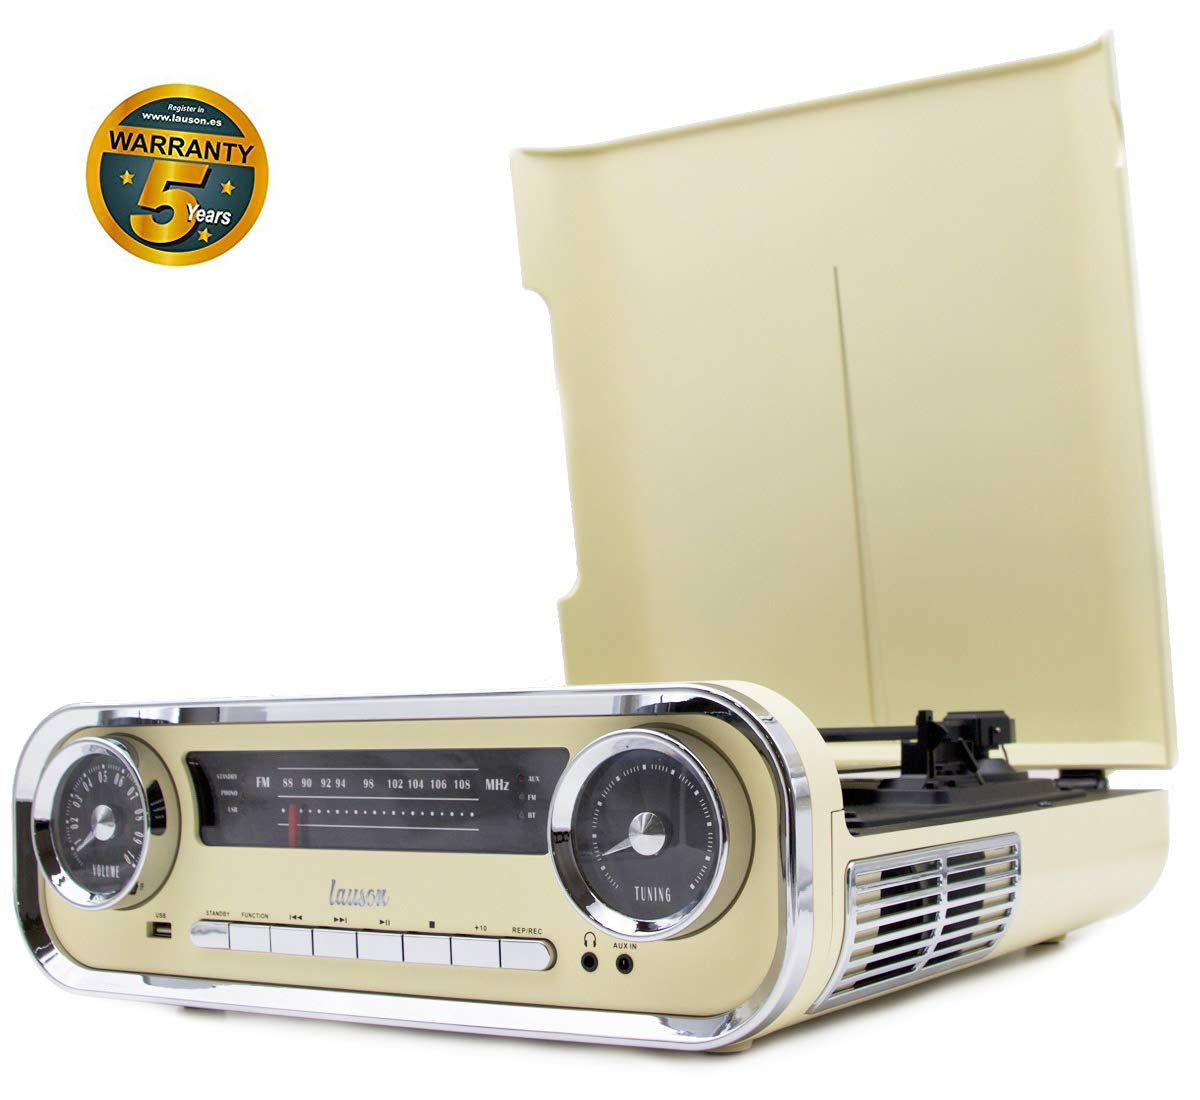 Lauson 01TT15 Tocadiscos Diseño Vintage Coche de Colección con 2 ...